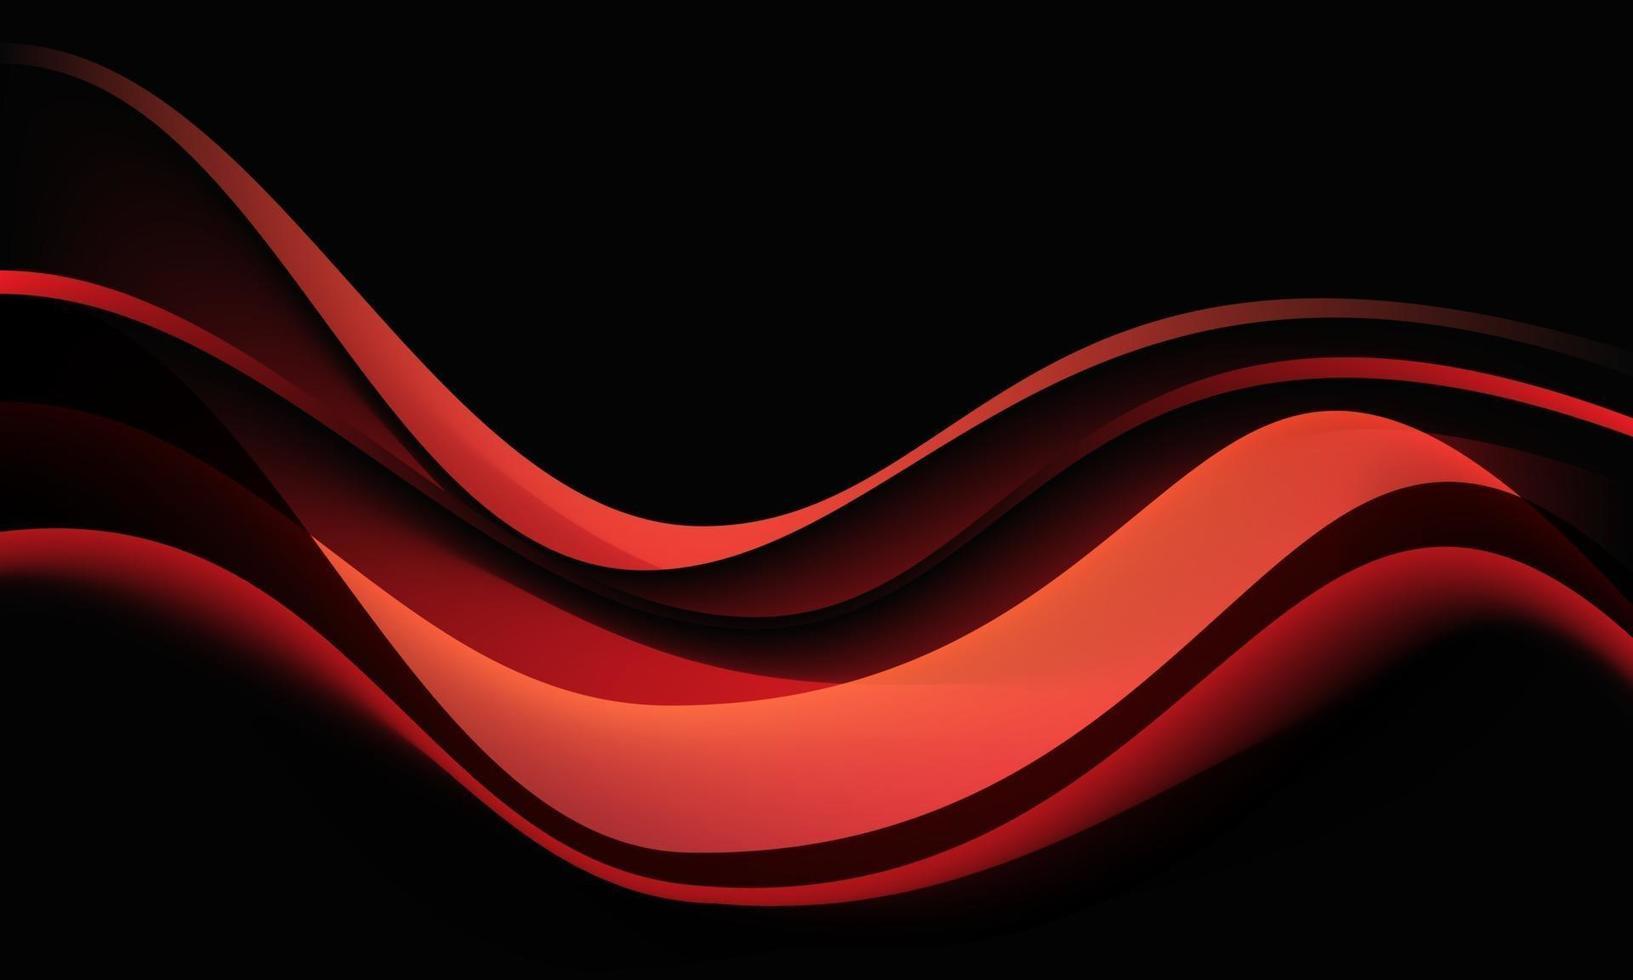 abstrakt röd vågkurva skugga dynamisk på svart bakgrund vektorillustration. vektor